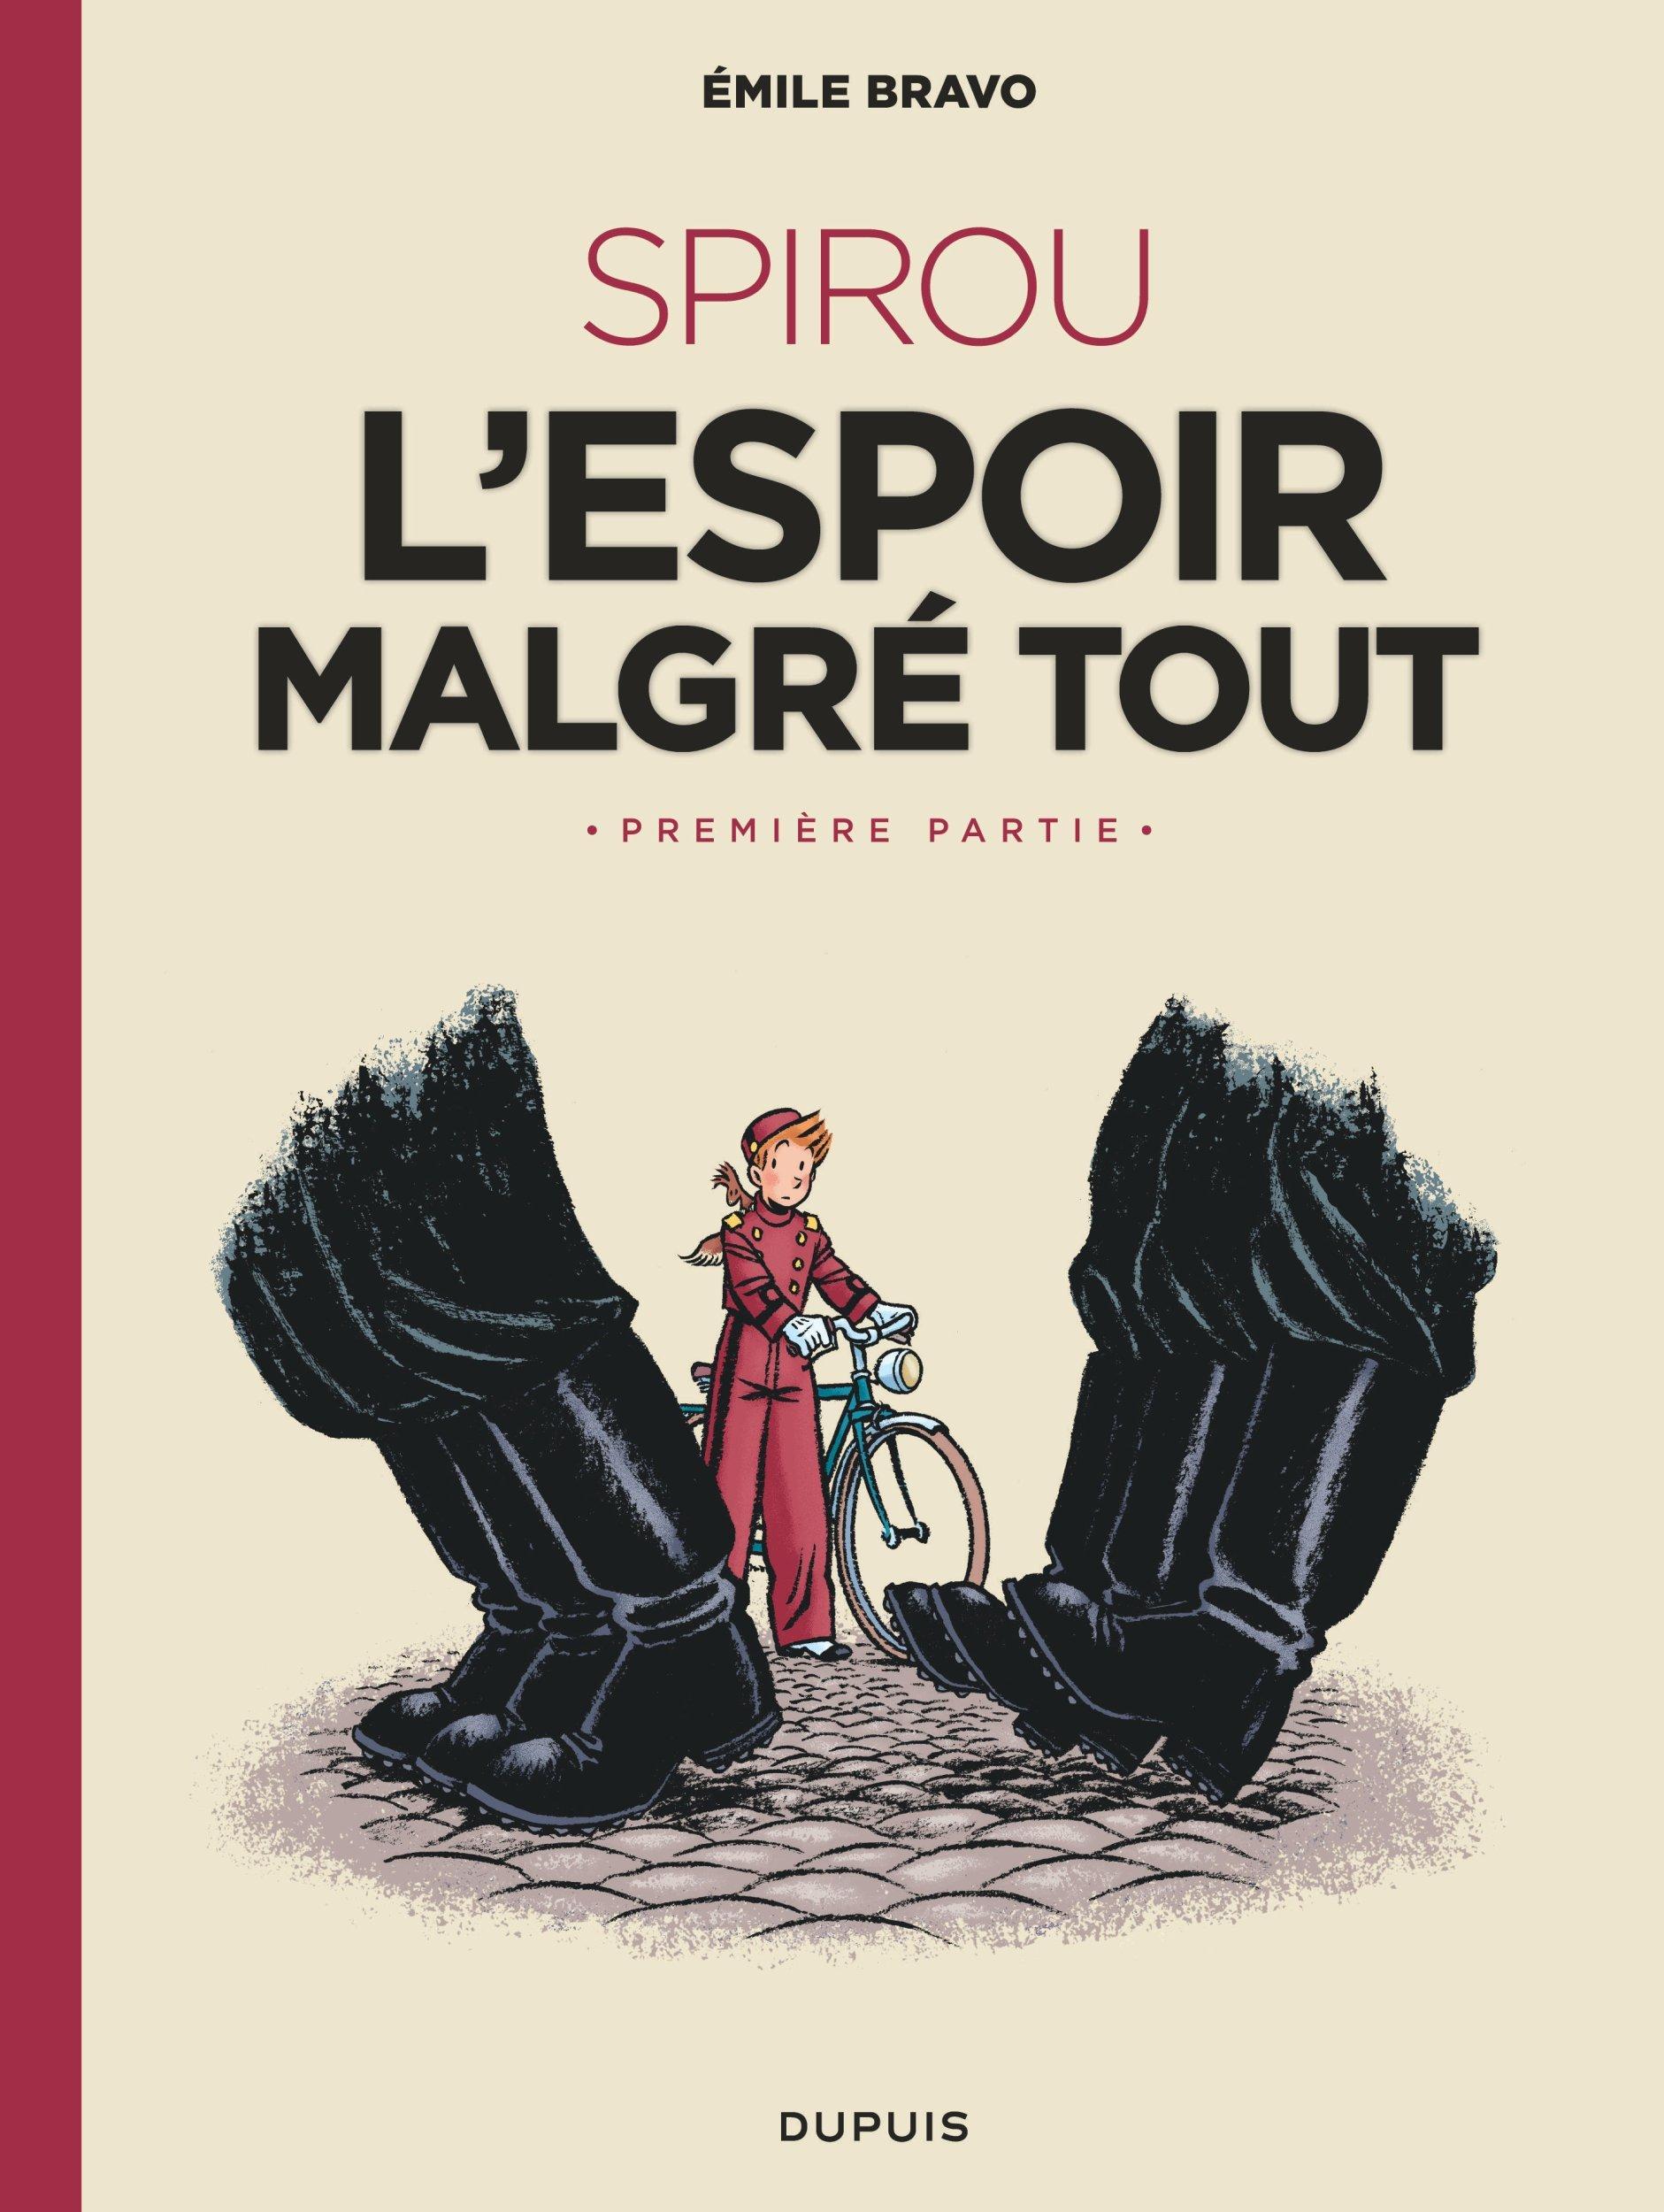 LE SPIROU D'EMILE BRAVO - TOME 2 - SPIROU OU L'ESPOIR MALGRE TOUT (PREMIERE PARTIE)